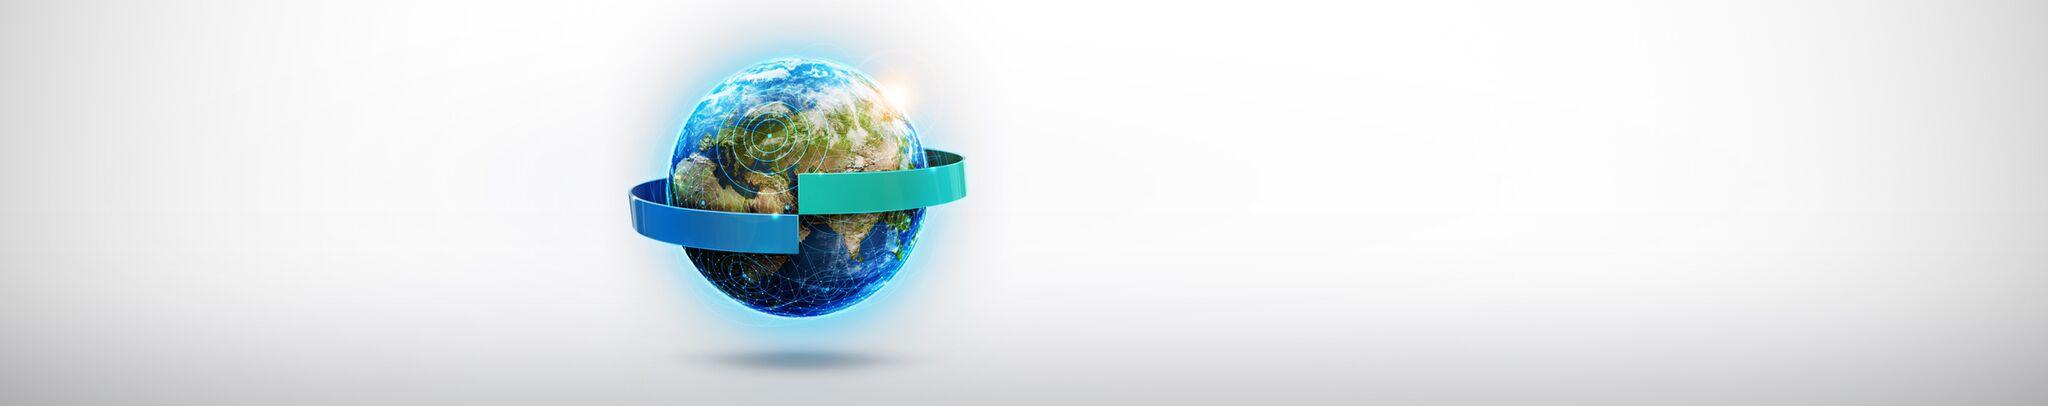 Schildknecht AG - The world is wireless - Datenfunksysteme zuverlässig und sicher